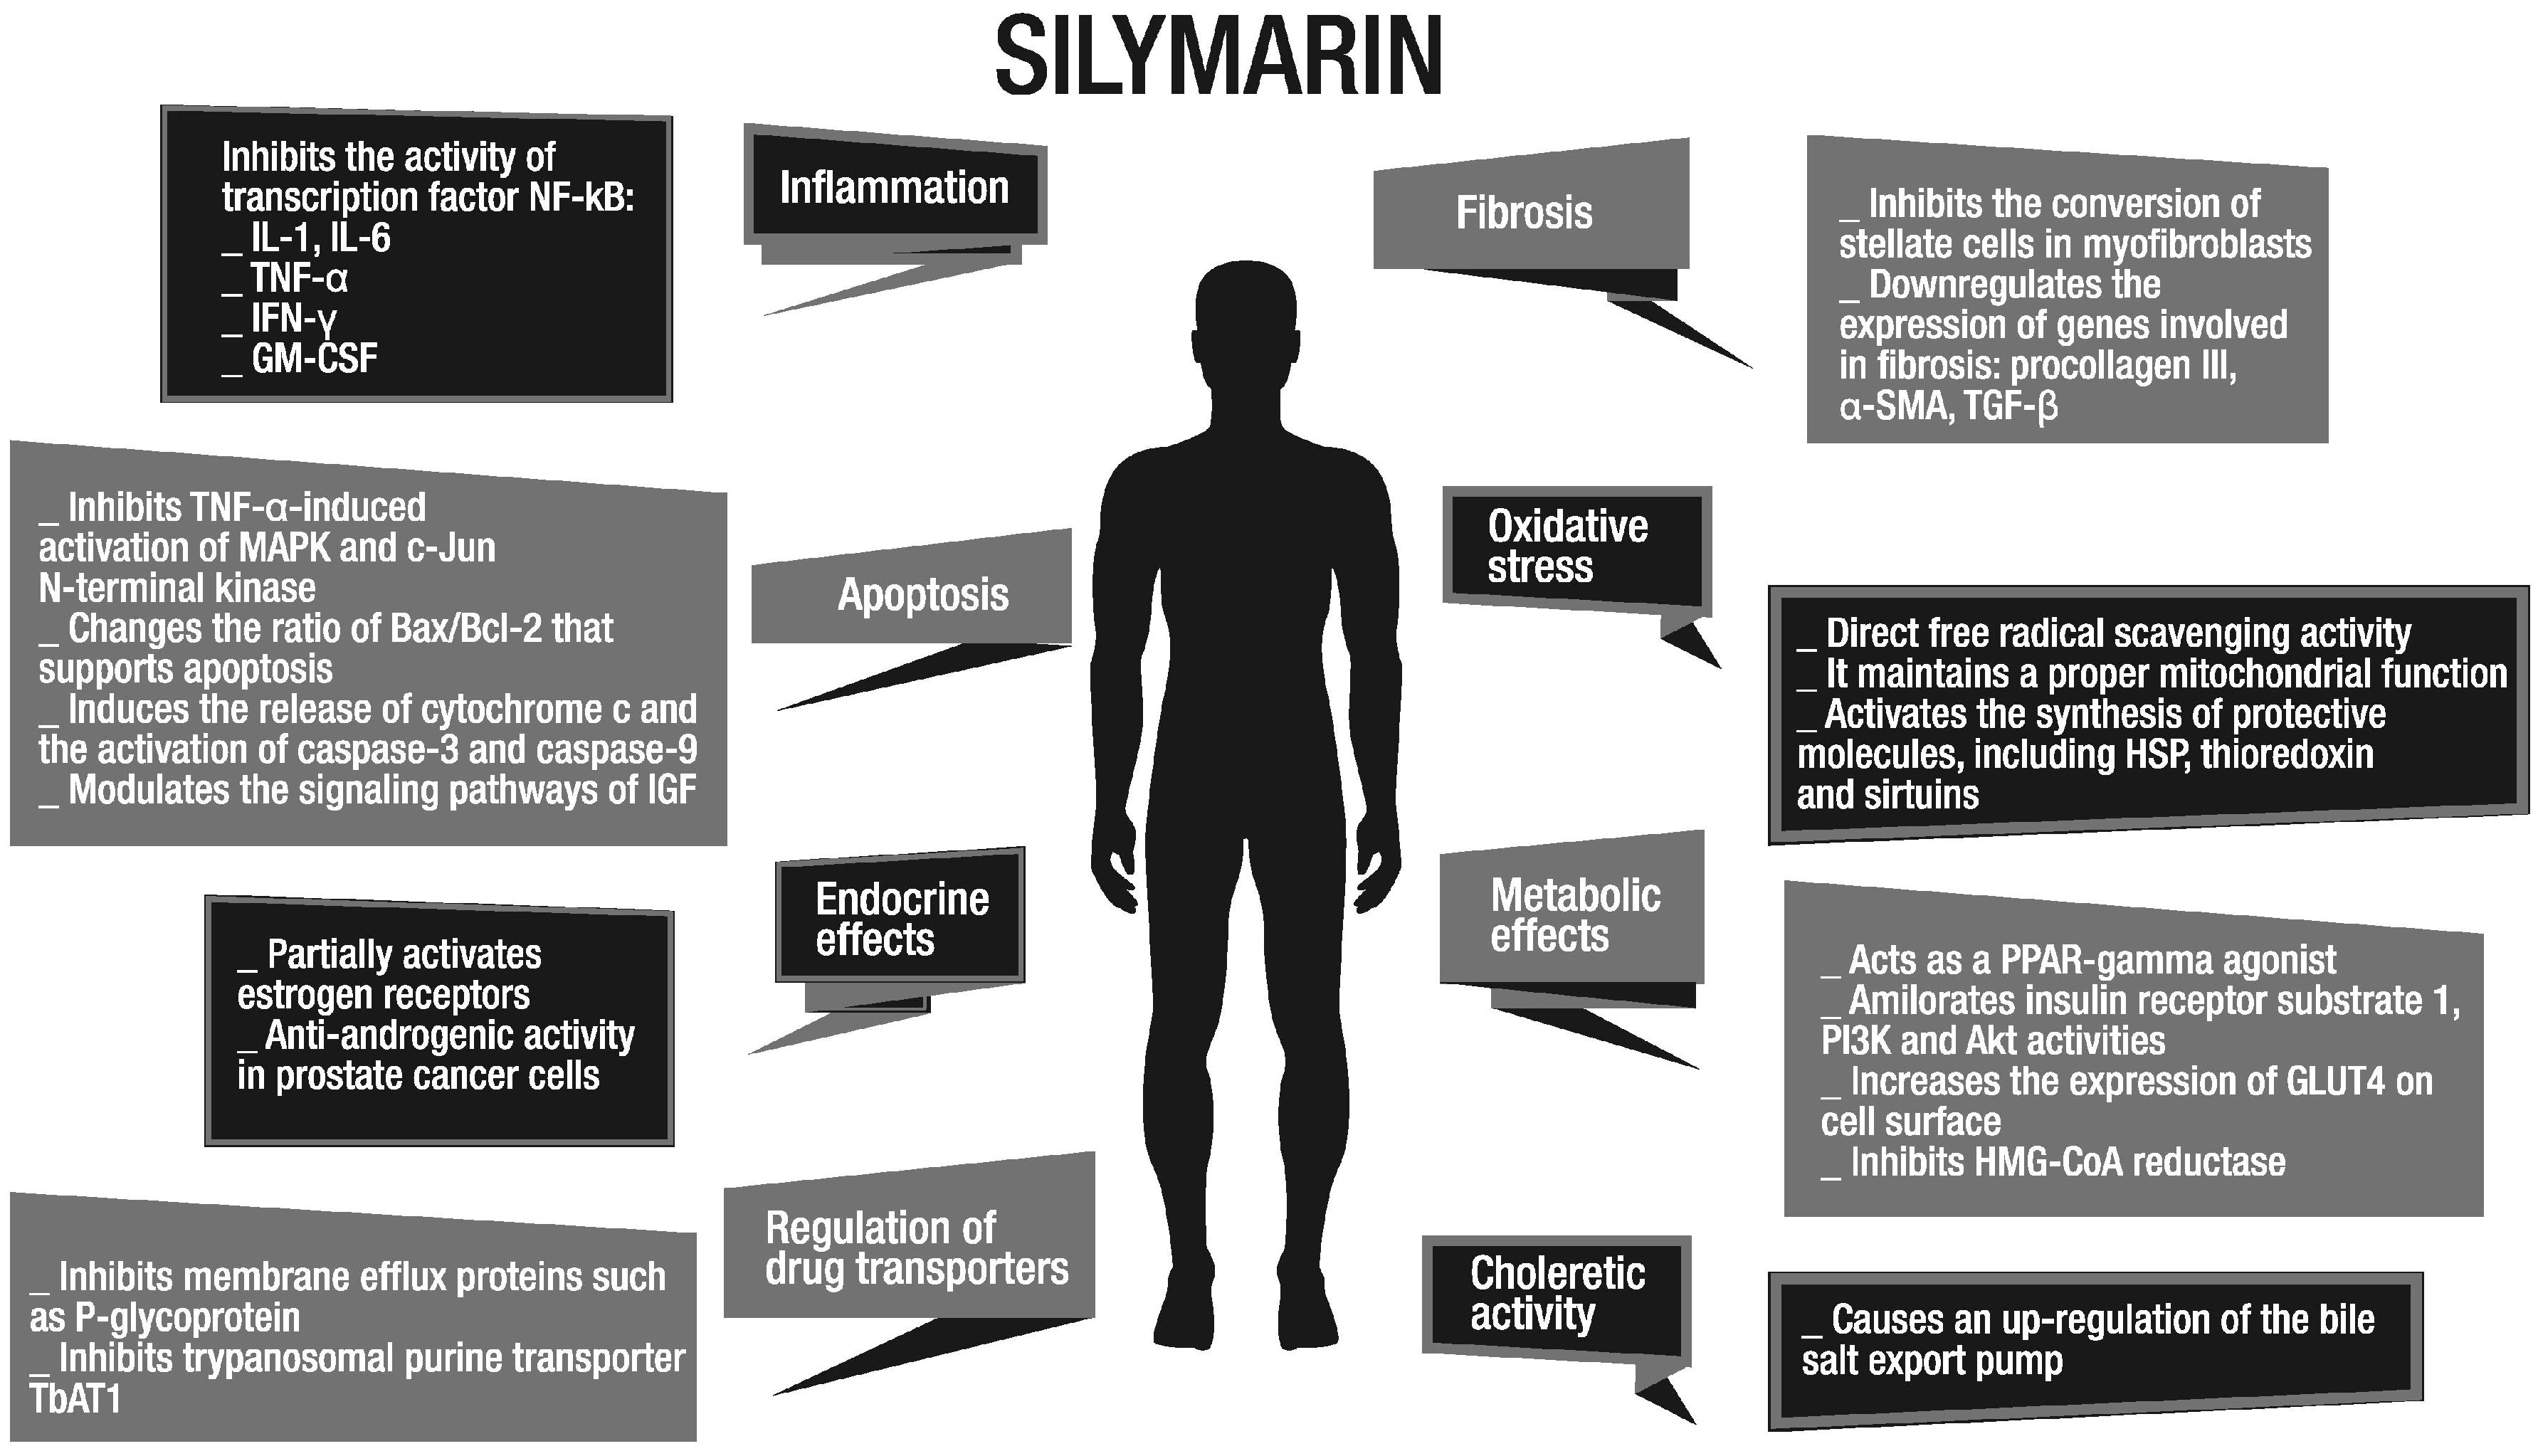 Различные терапевтические цели силимарина